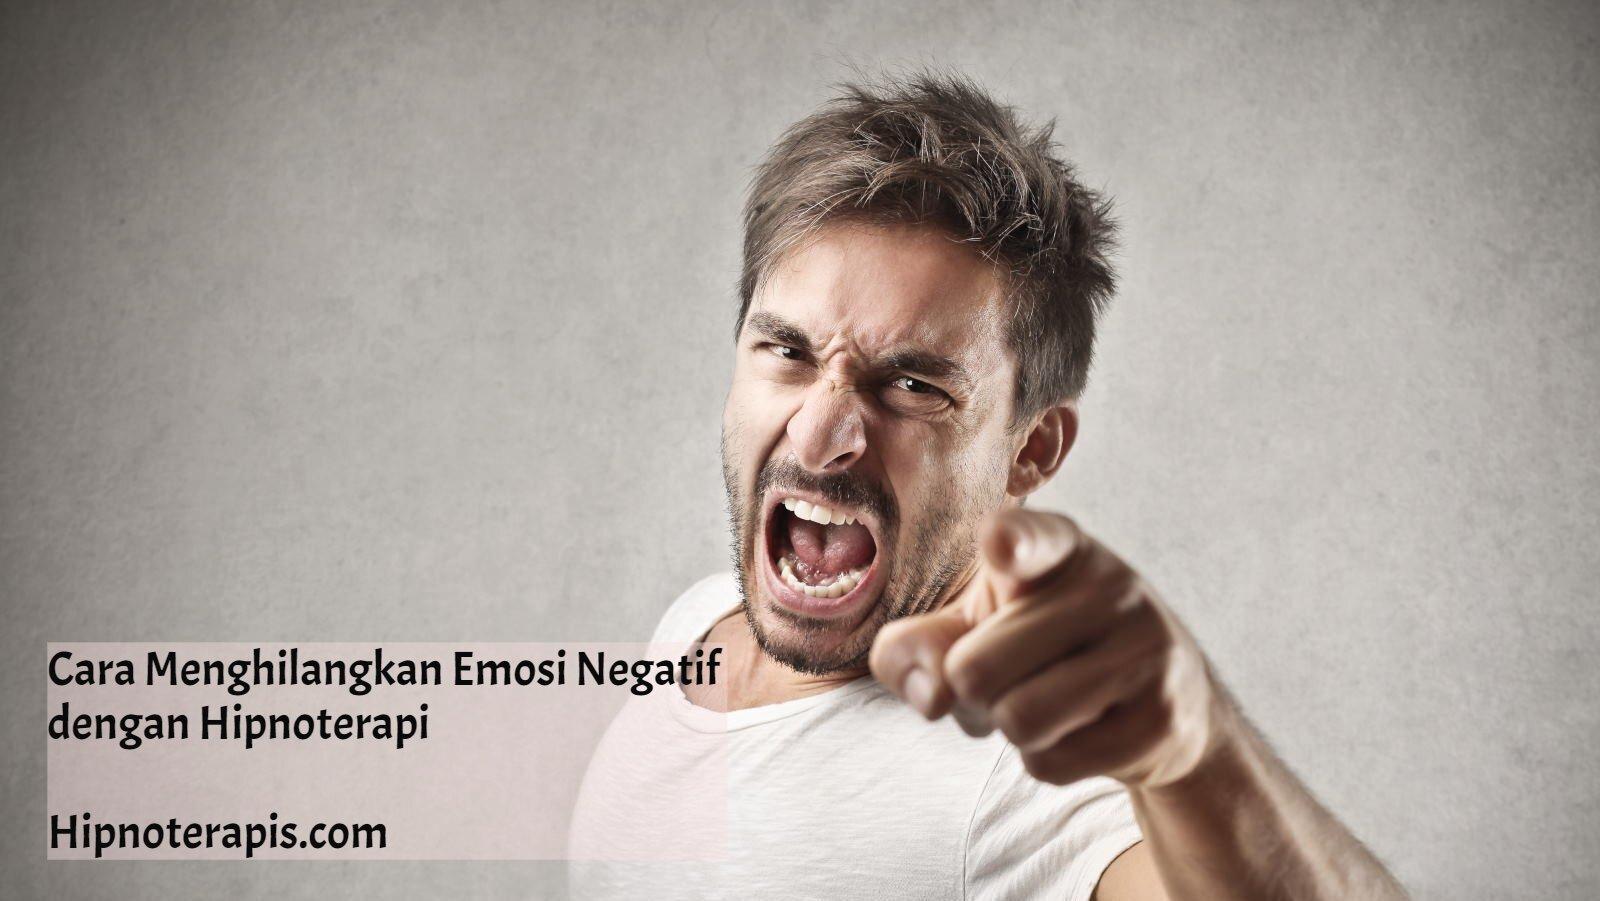 cara menghilangkan emosi negatif